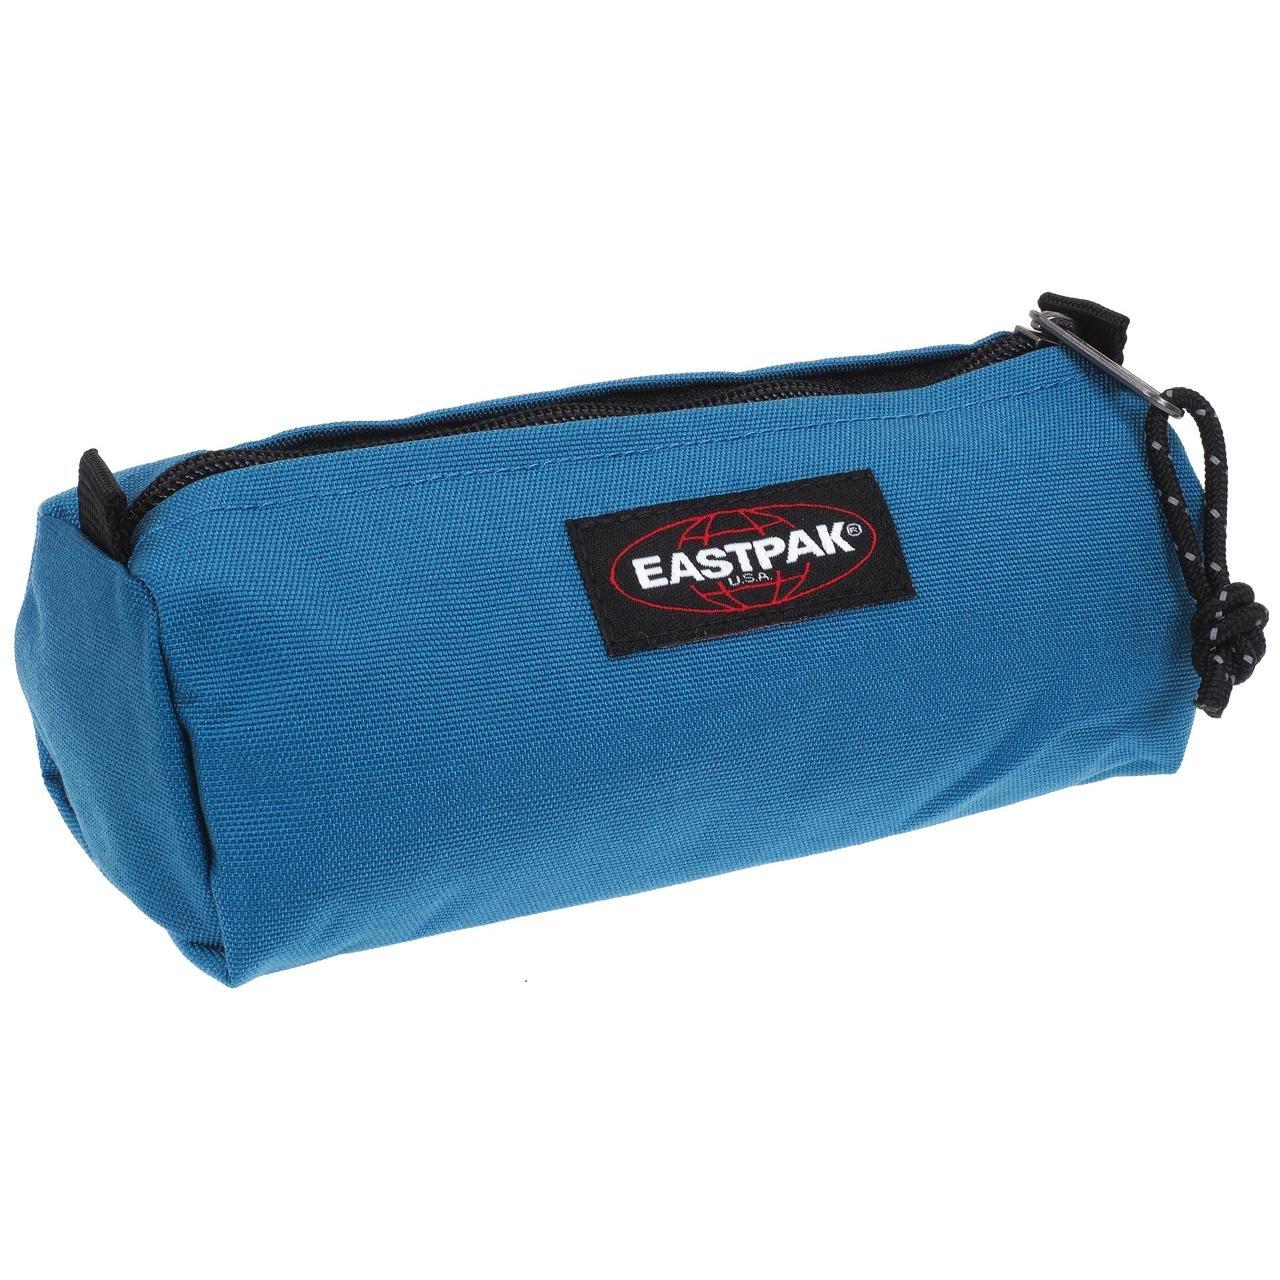 EASTPAK Benchmark Estuche, Unisex Adulto, Azul, Talla Única: Amazon.es: Deportes y aire libre